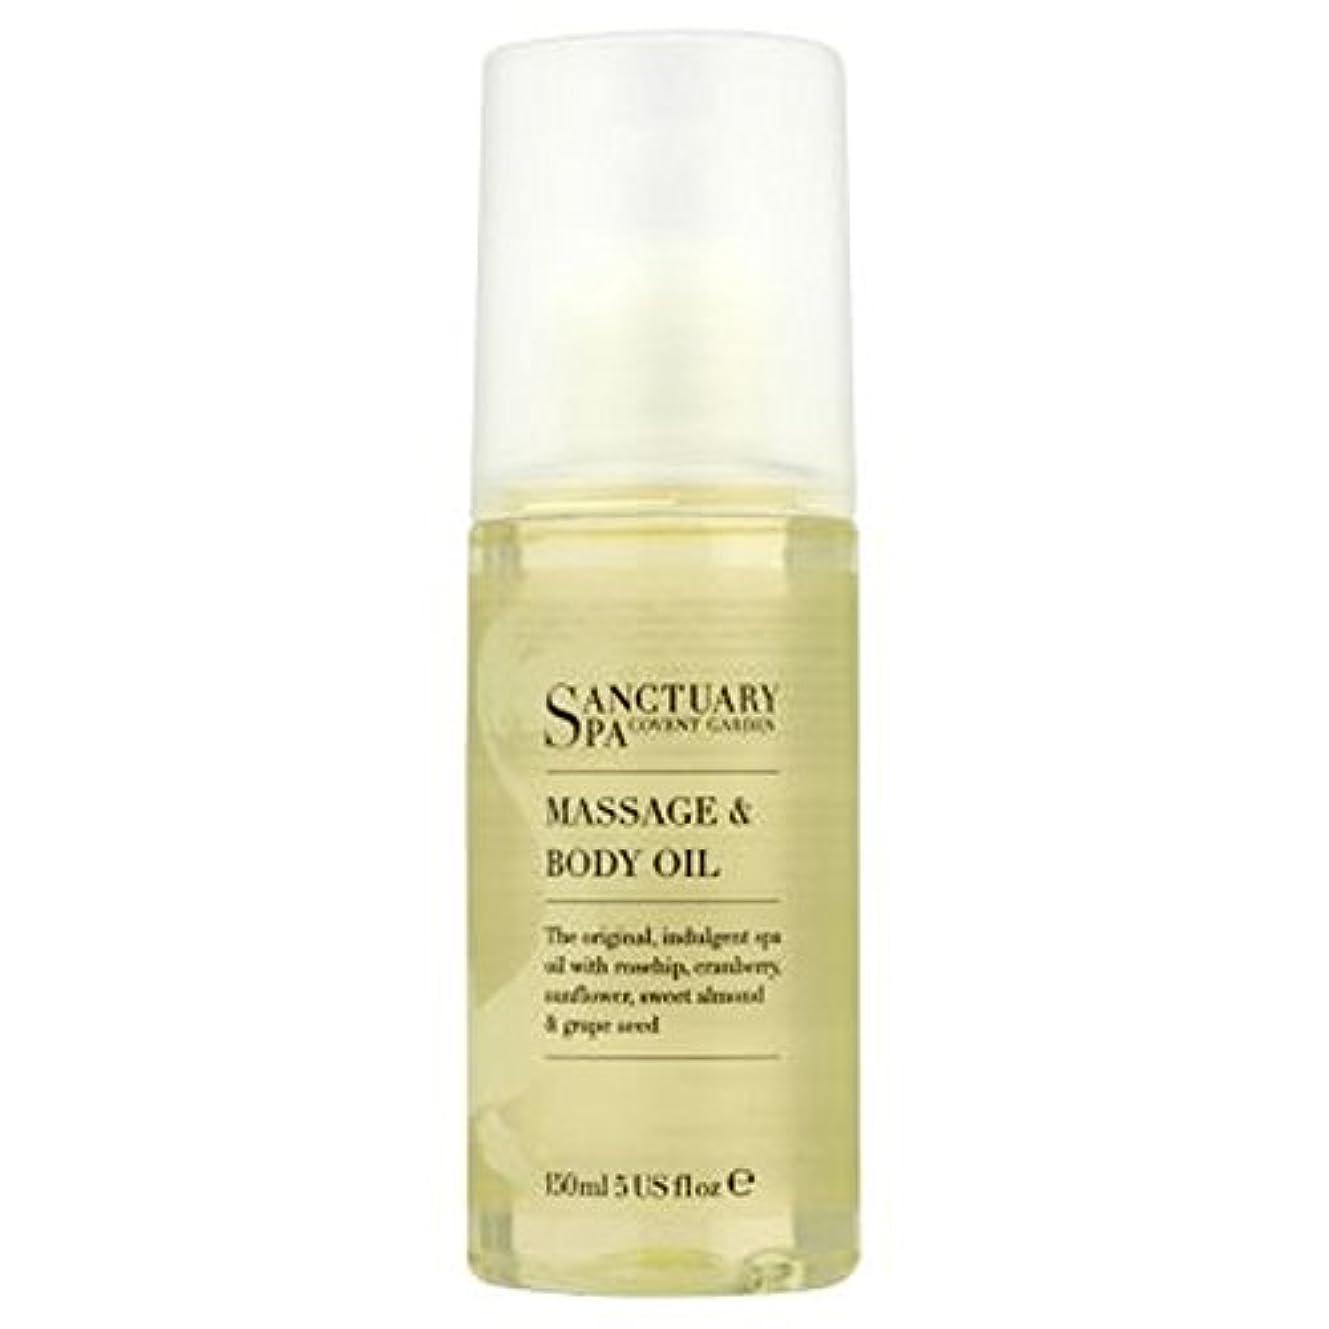 裏切る太陽農夫Sanctuary Daily Spa Escape Massage and Body Oil - 150ml - 聖域毎日のスパエスケープマッサージやボディオイル - 150ミリリットル (Sanctuary) [並行輸入品]